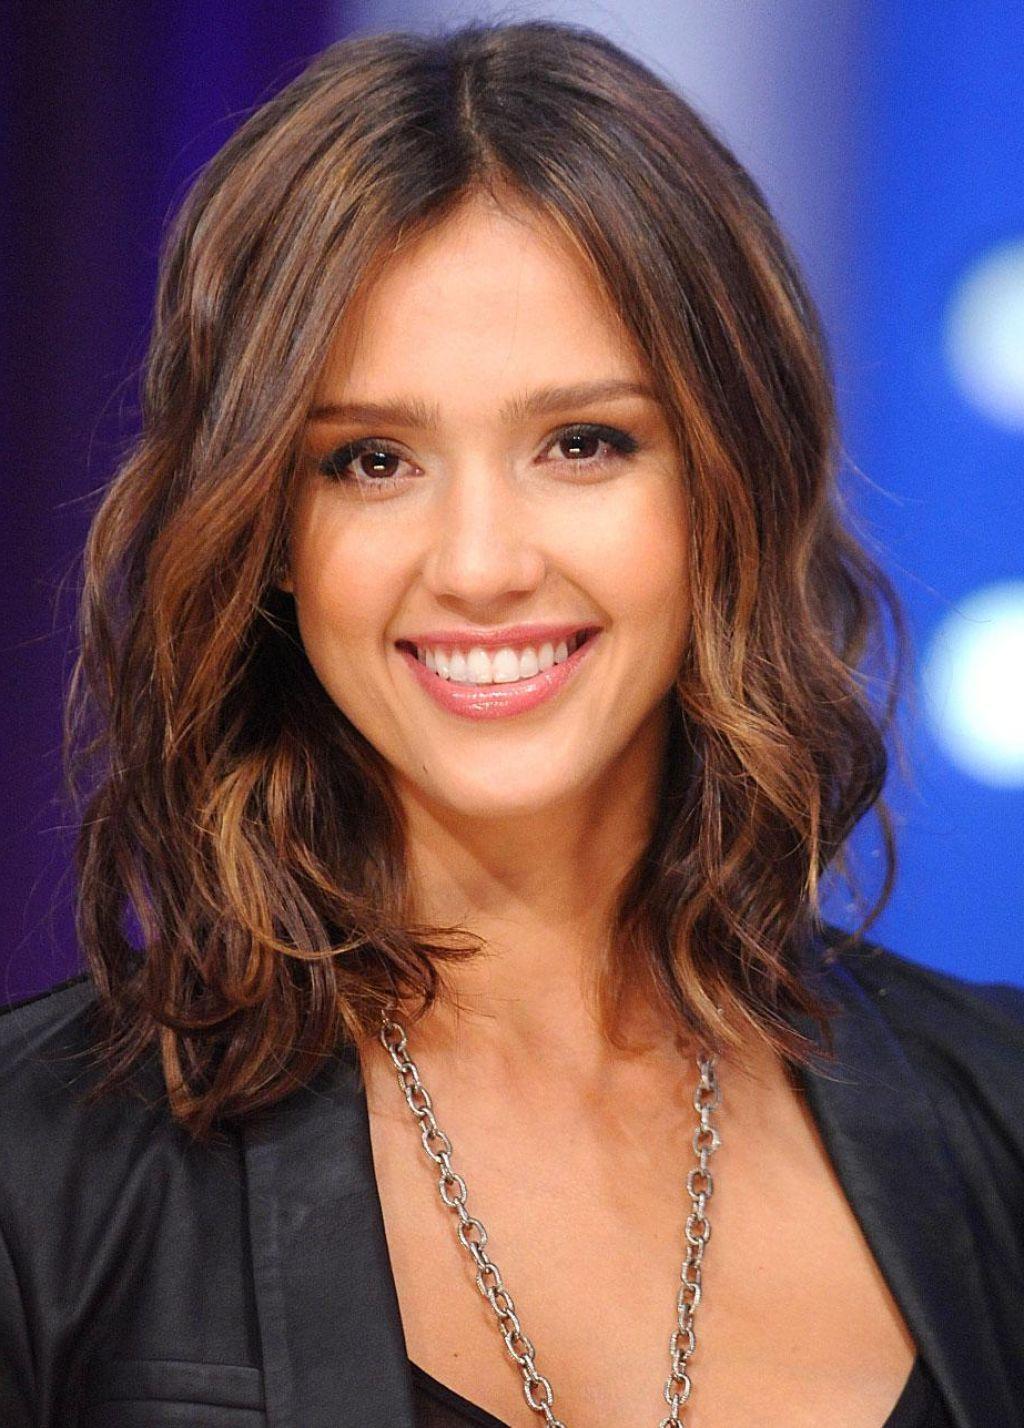 Jessica Alba Frisuren Inspiration Frisuren Modelle Pinterest Star